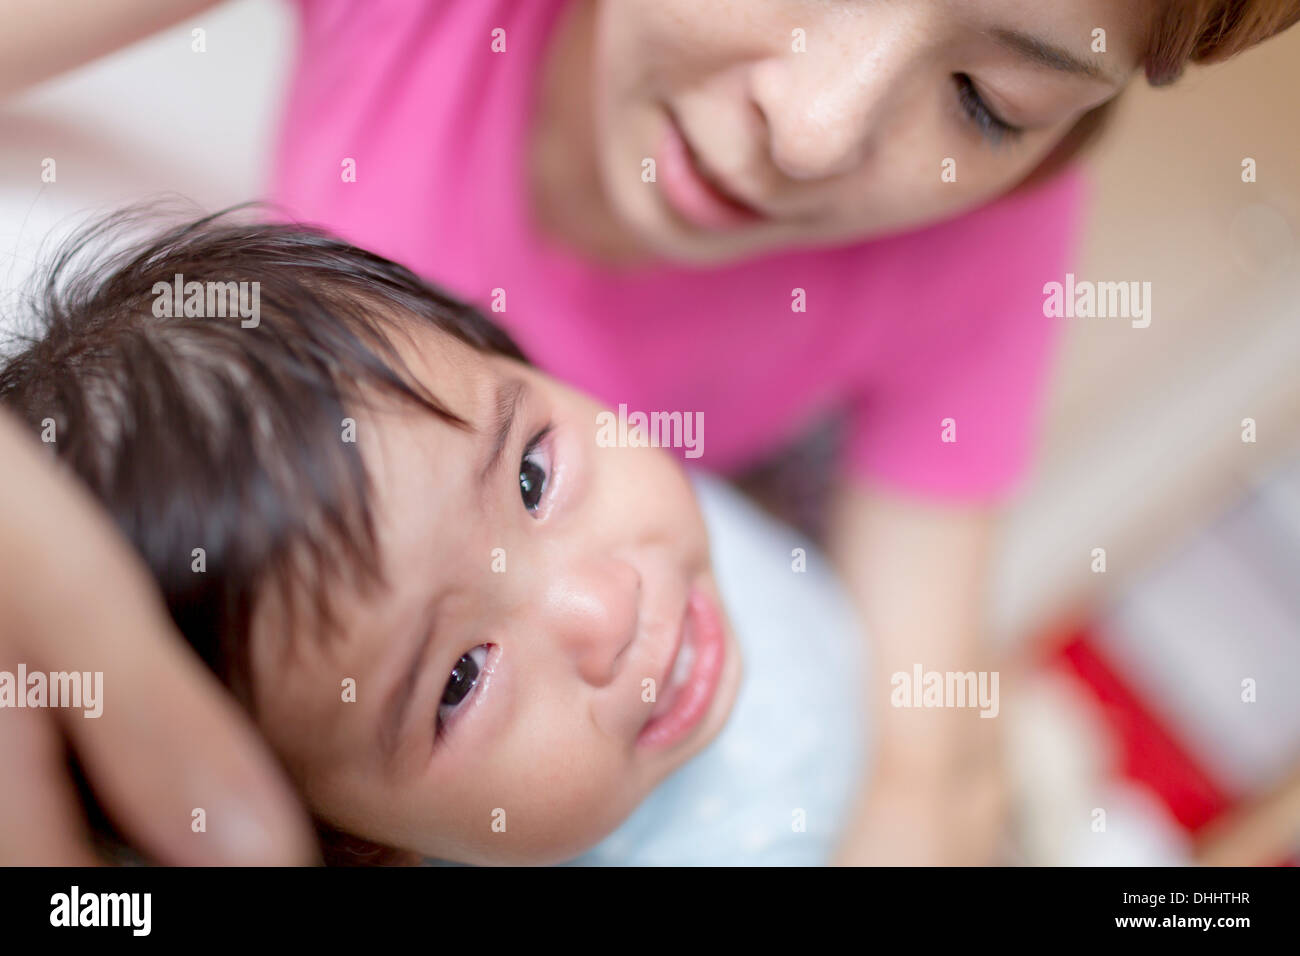 Madre pacificar el llanto del bebé Imagen De Stock